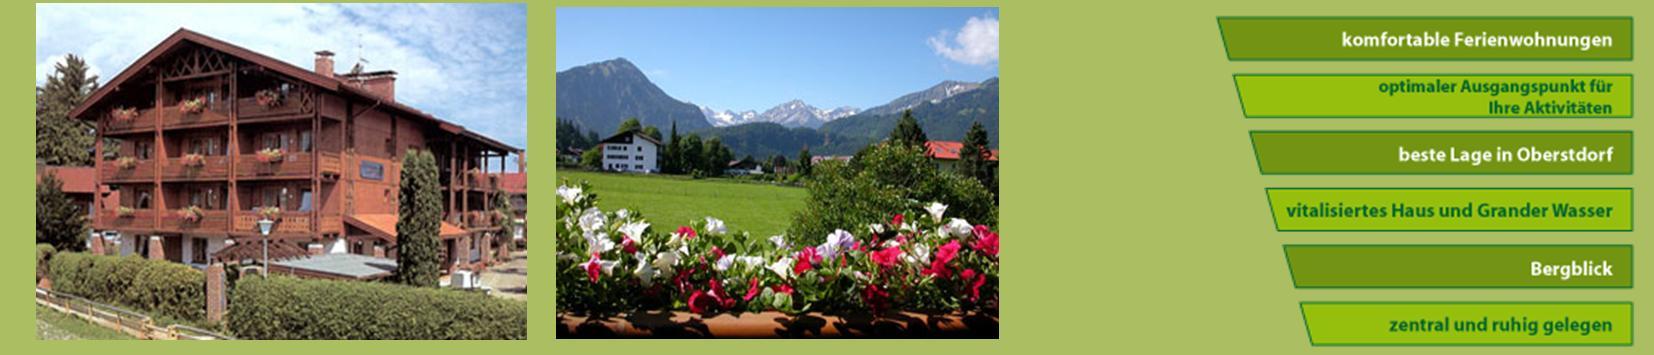 Ferienwohnungen Oberstdorf  Gästehaus zur Färbe